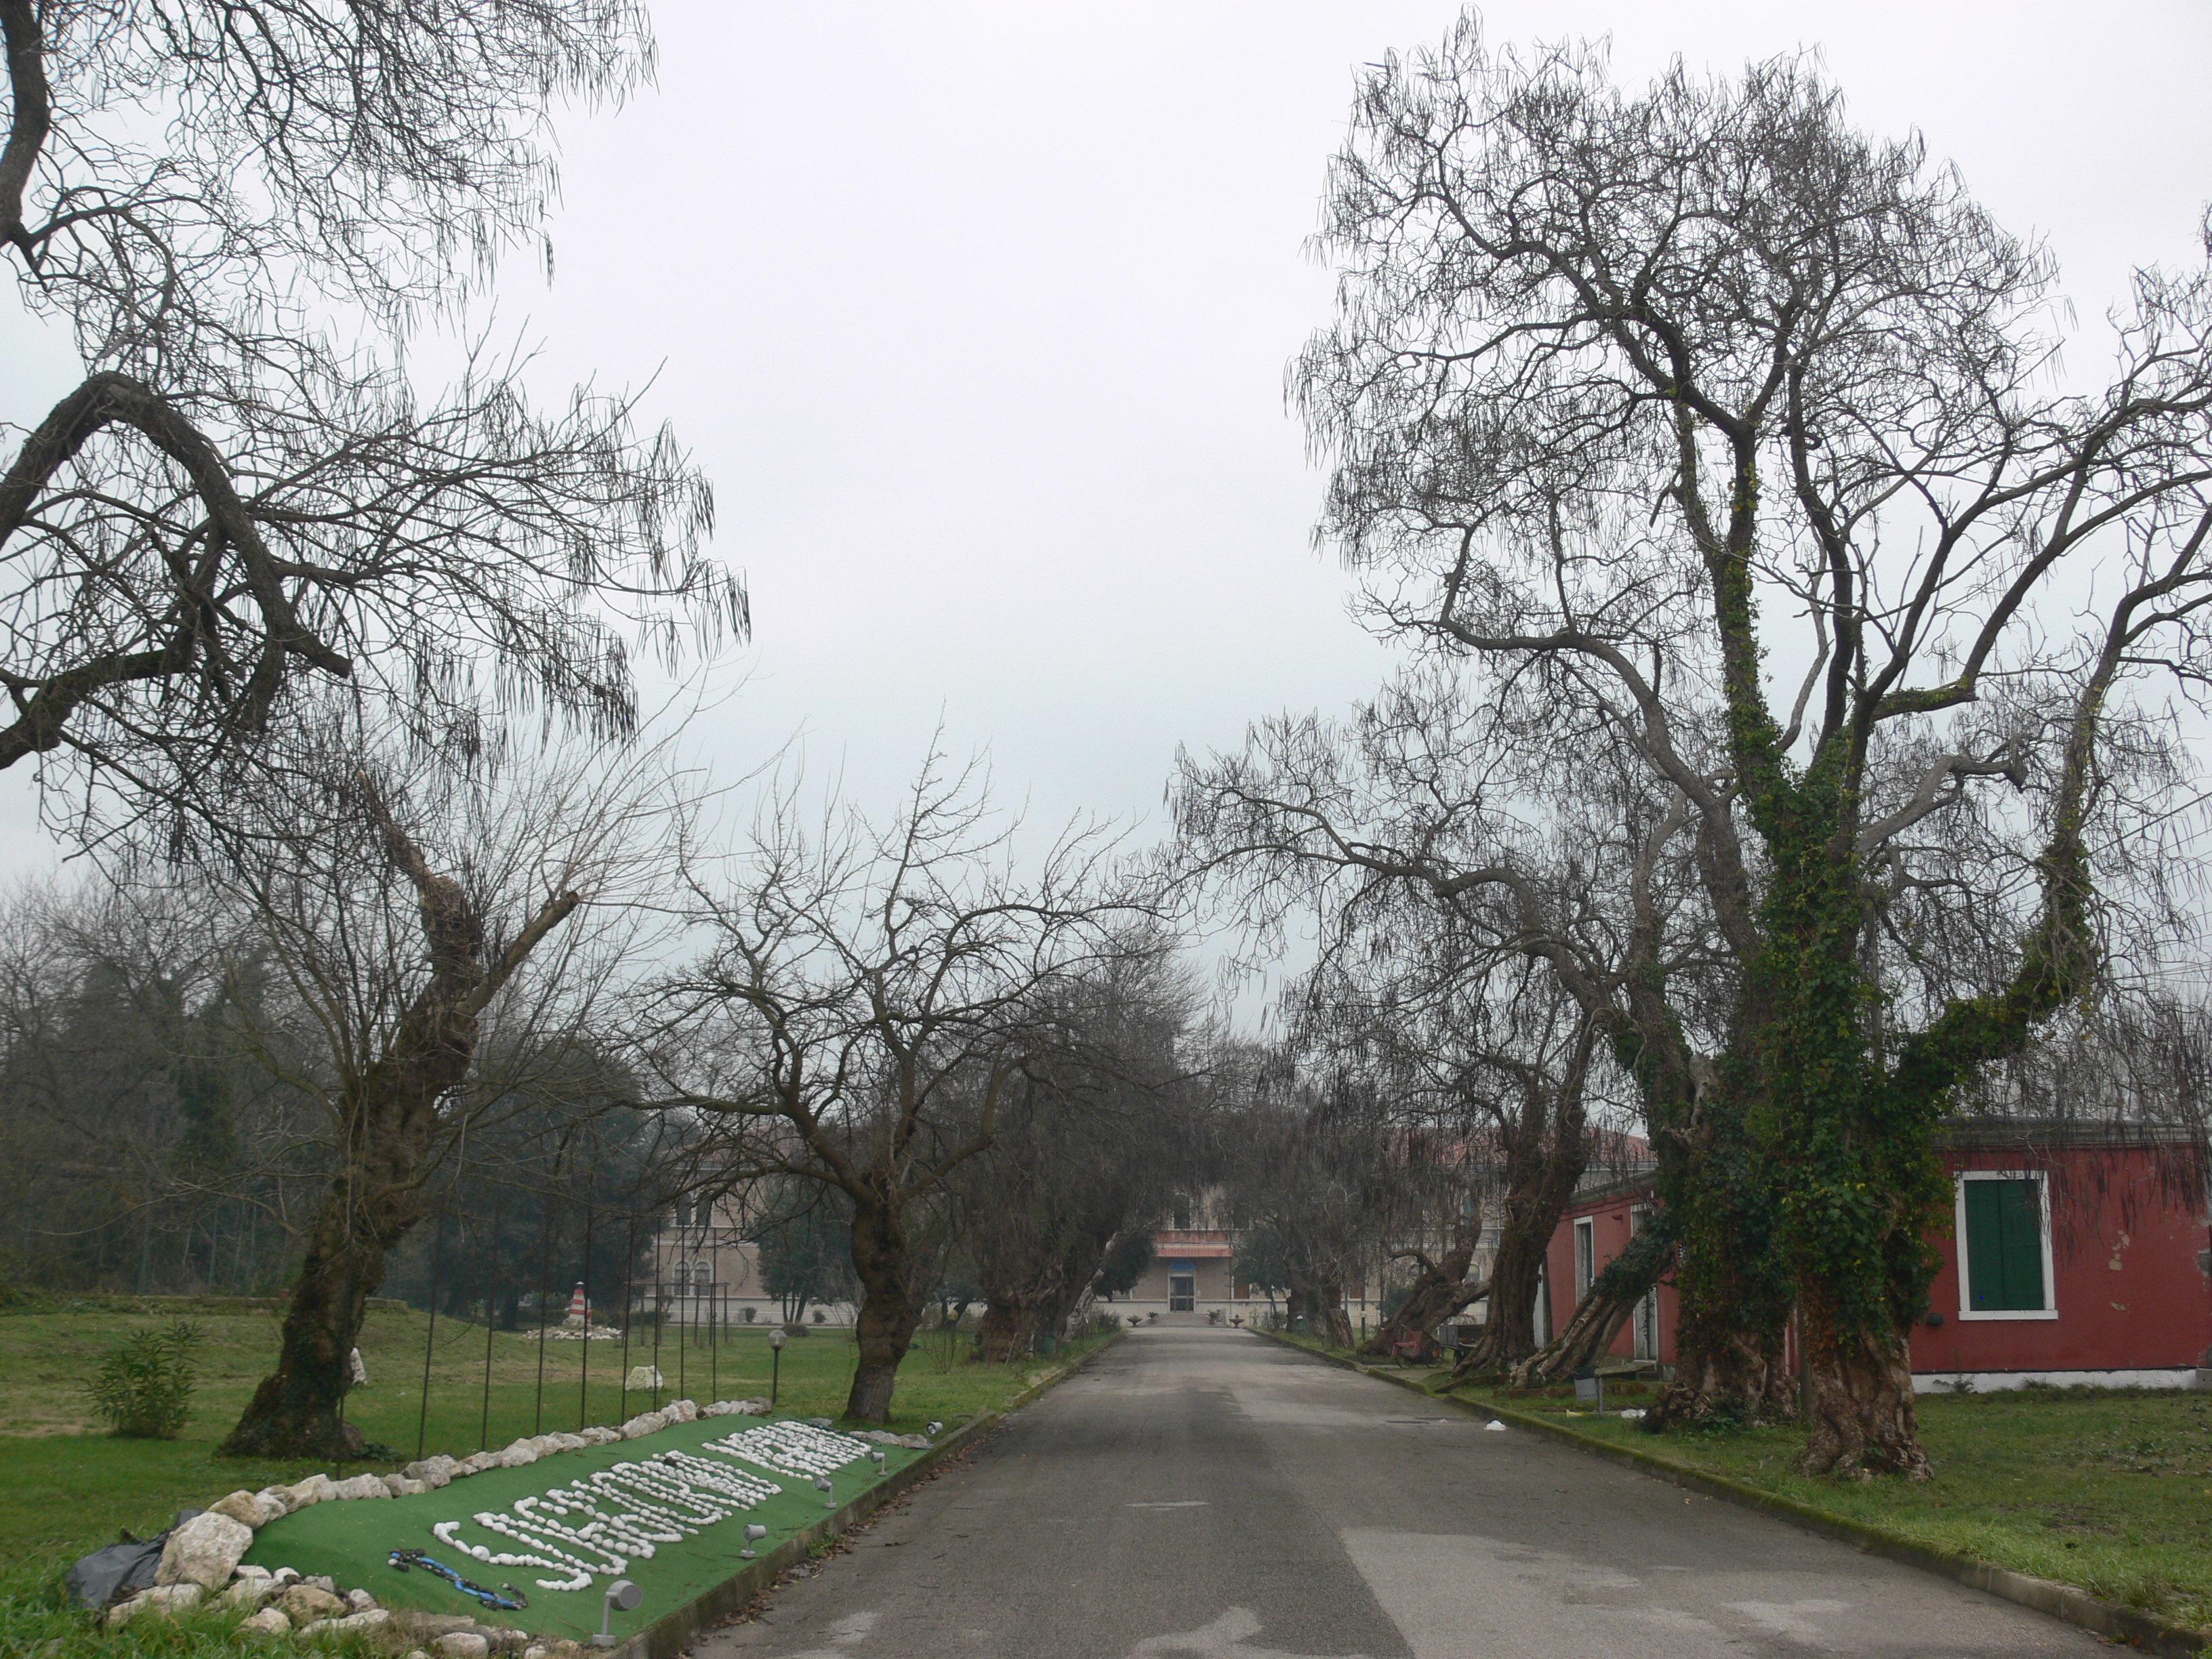 https://upload.wikimedia.org/wikipedia/commons/5/59/Lido_di_Venezia_-_Residence_Soggiorno_Marino%2C_Marina_Militare_-_entrance_path.JPG